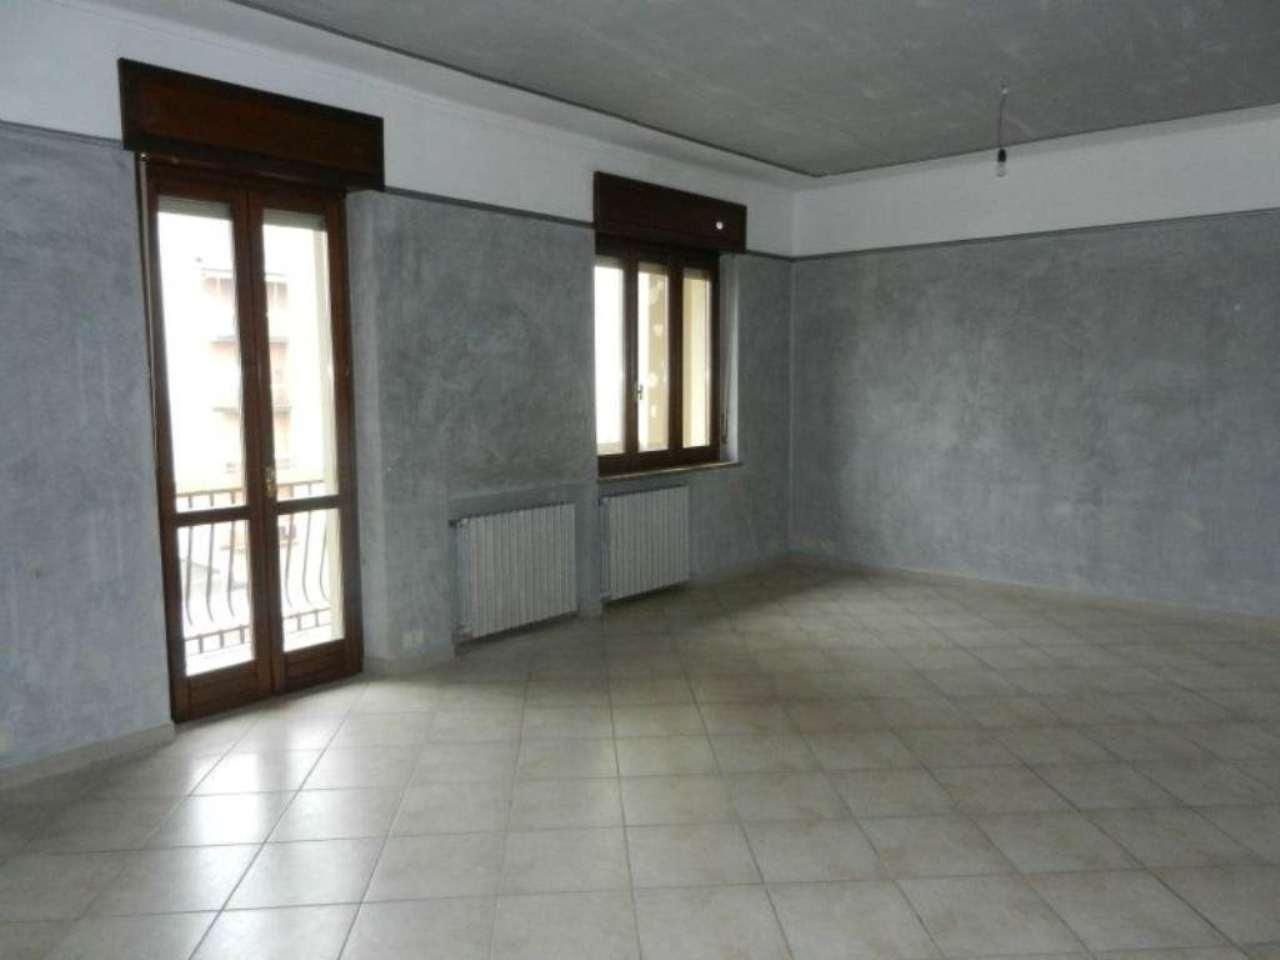 Appartamento in affitto a Venaria Reale, 3 locali, prezzo € 600 | Cambio Casa.it